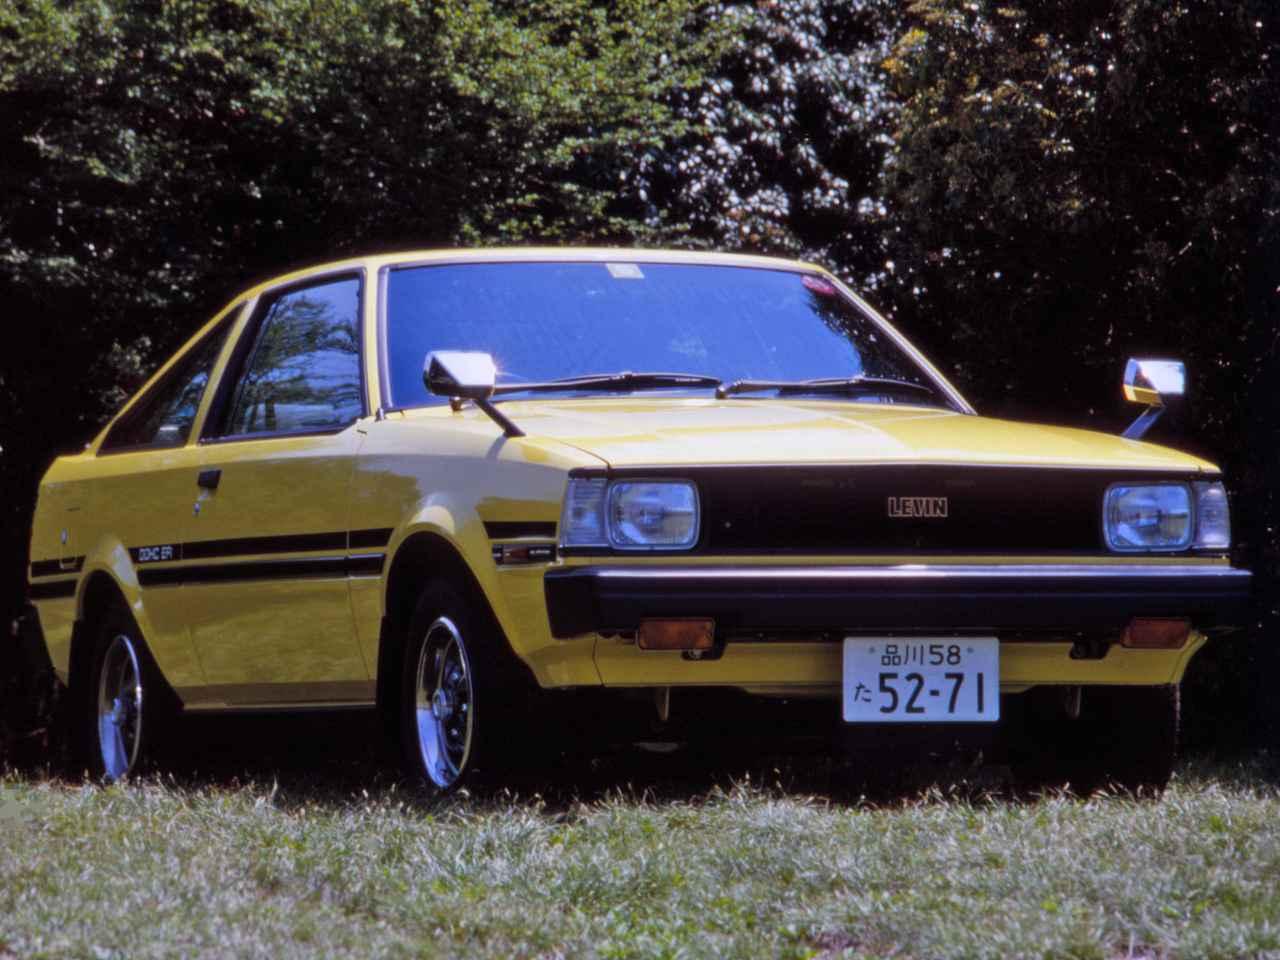 【80's ボーイズレーサー伝 02】TE71カローラレビンはリアサス変更で操安性を高めた最後の2T-G搭載モデル